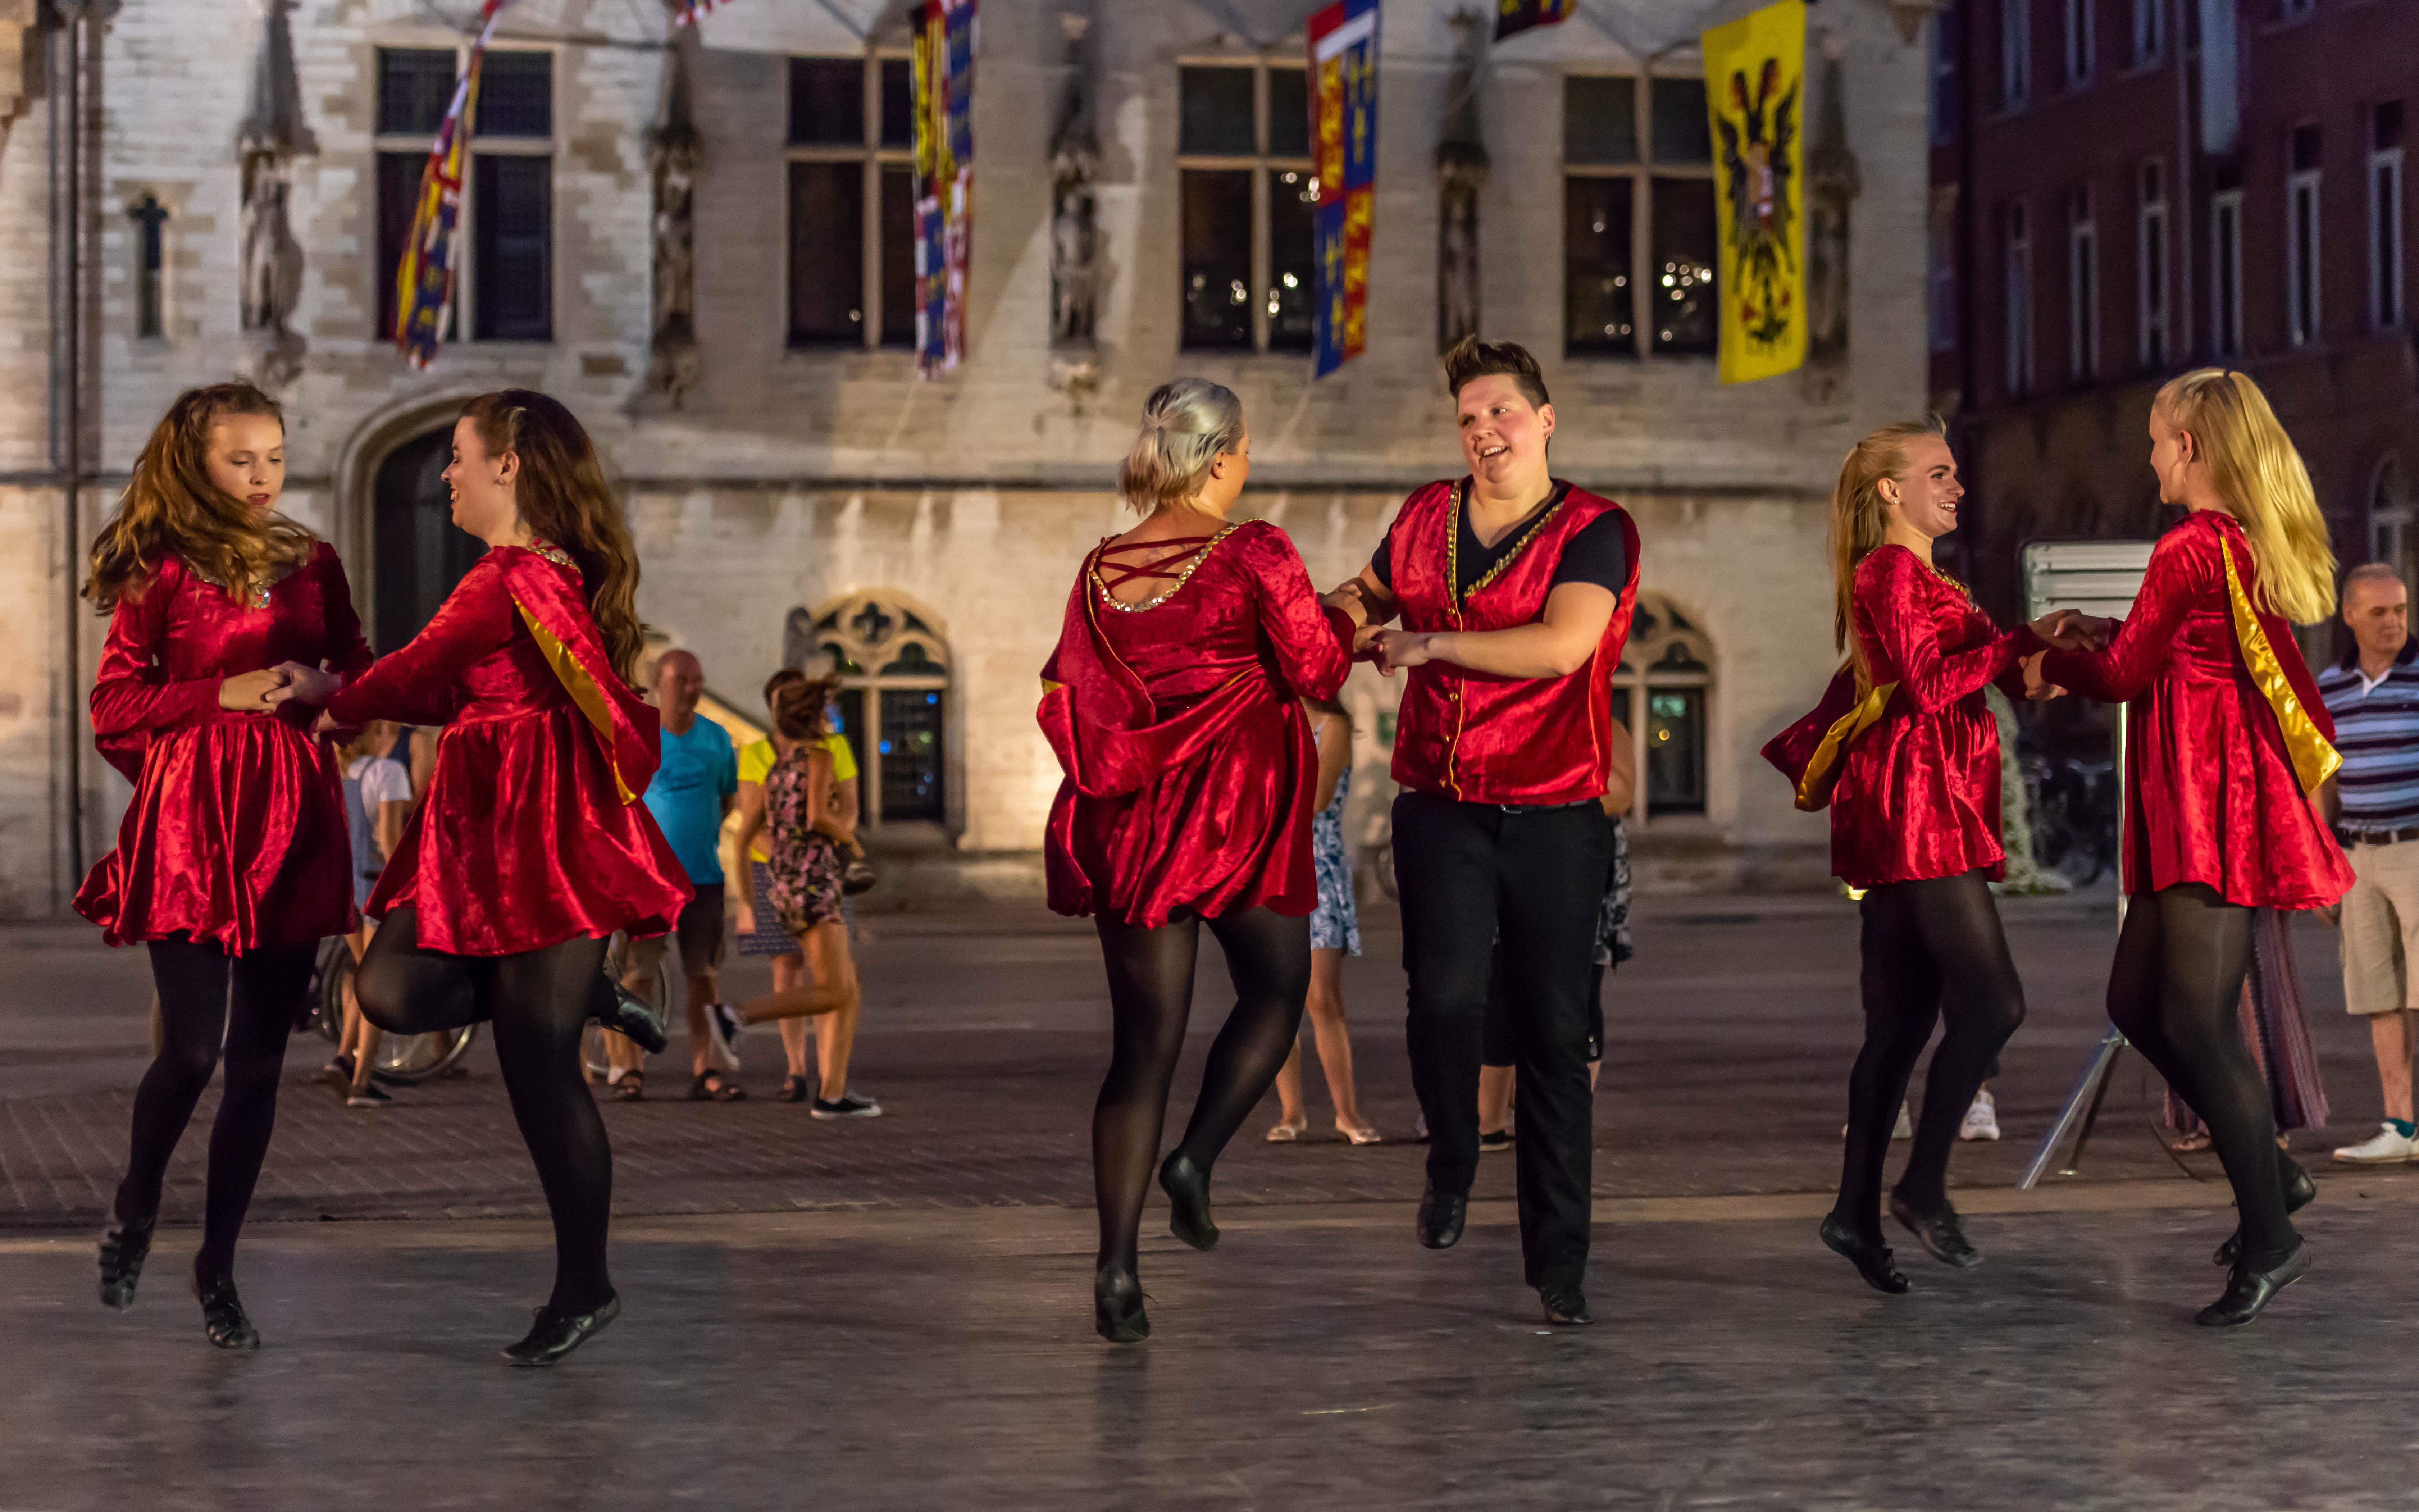 Irish dancing Holland65